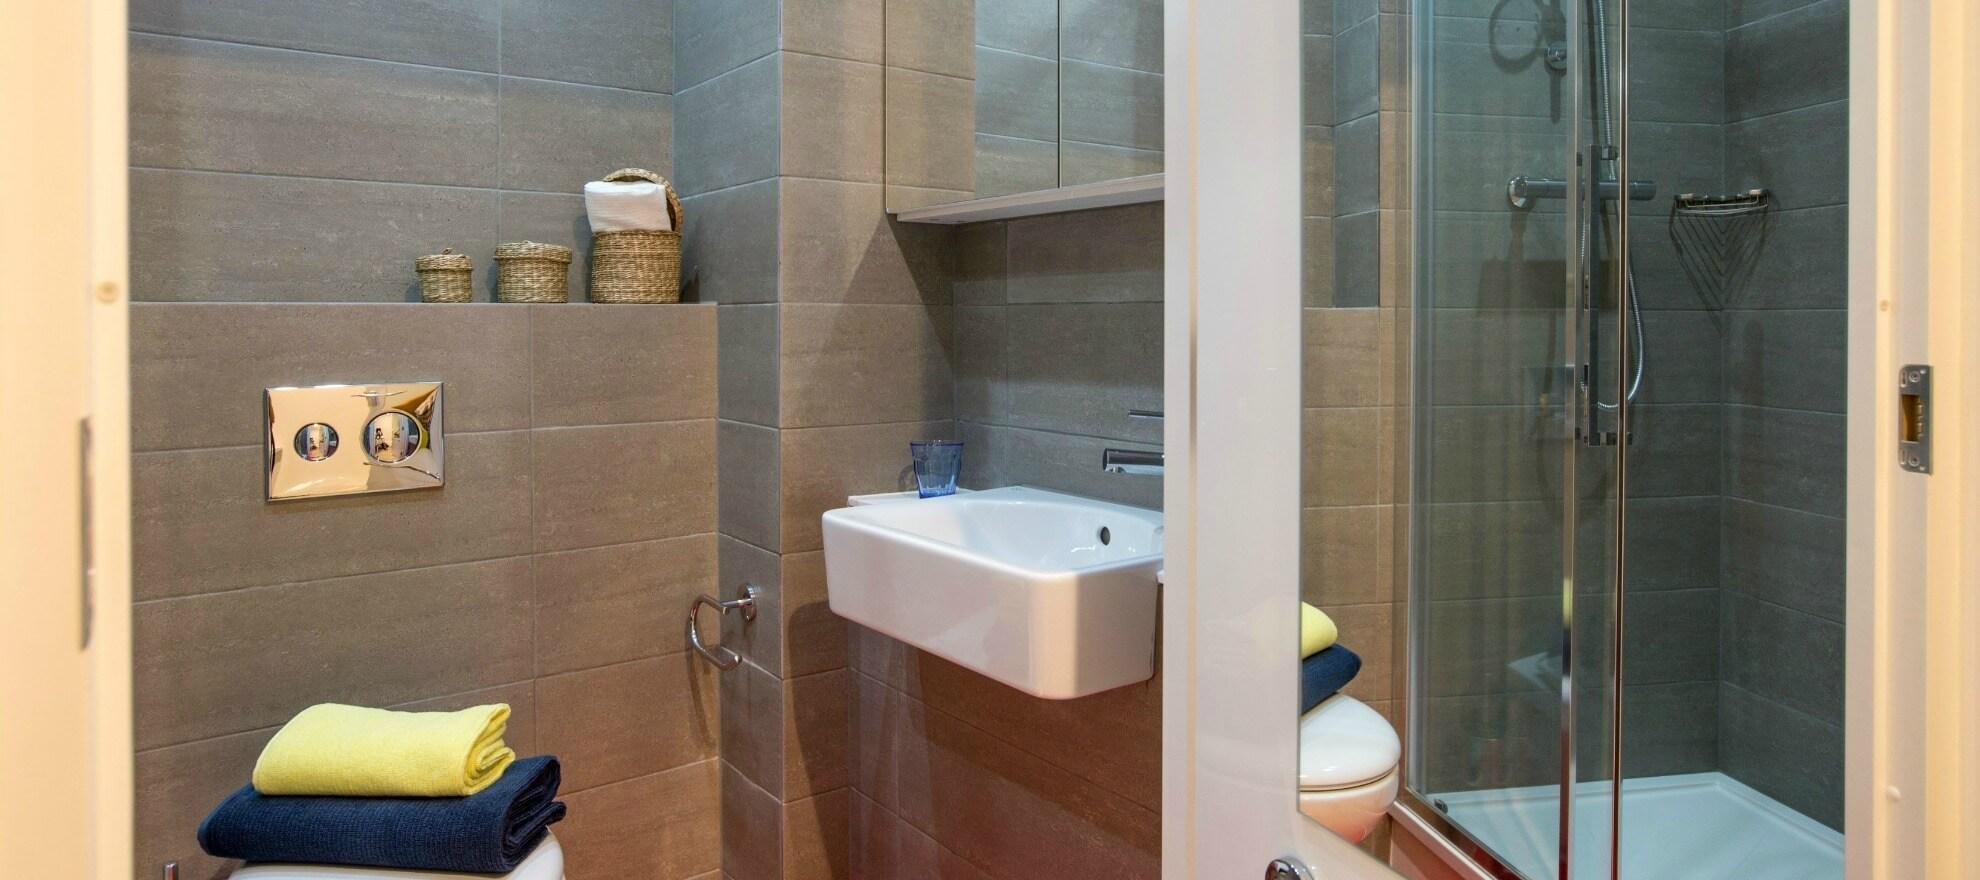 Podium-Egham-Studio-Bathroom-Unilodger